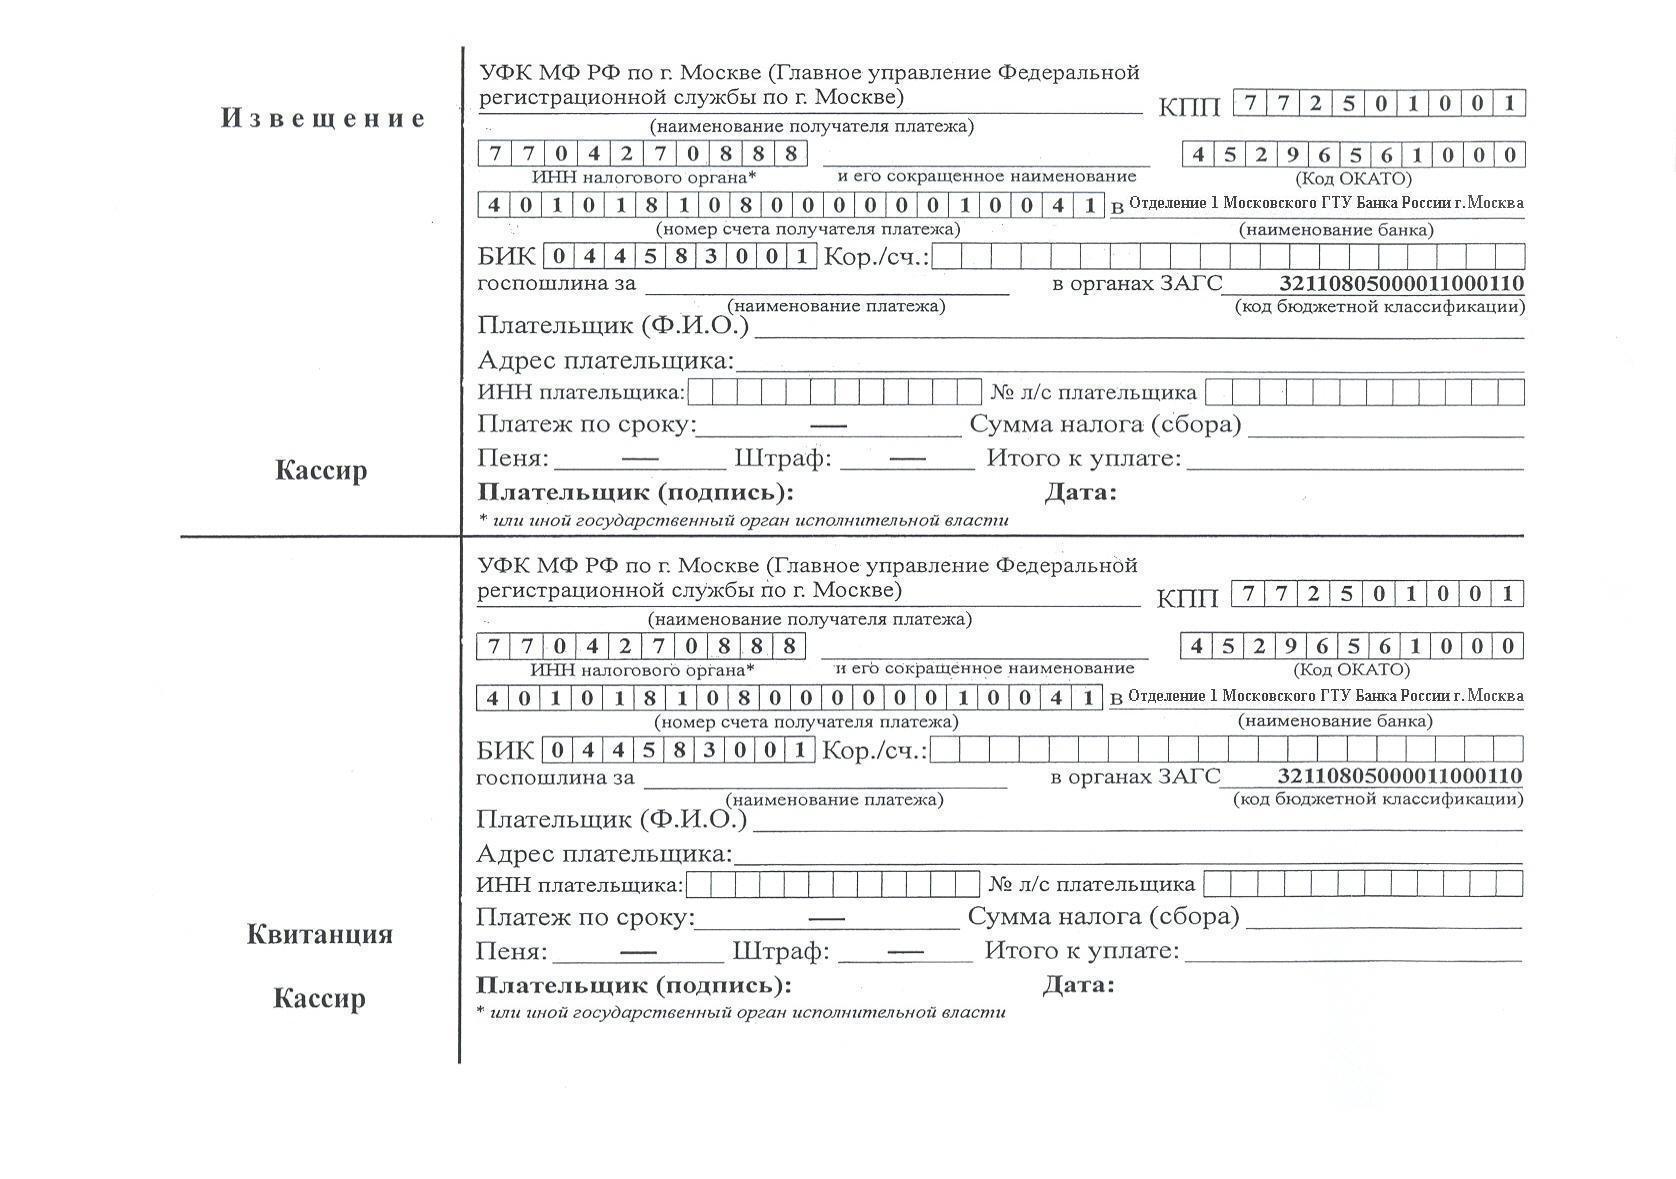 Образец квитанции об оплате государственной пошлины фото